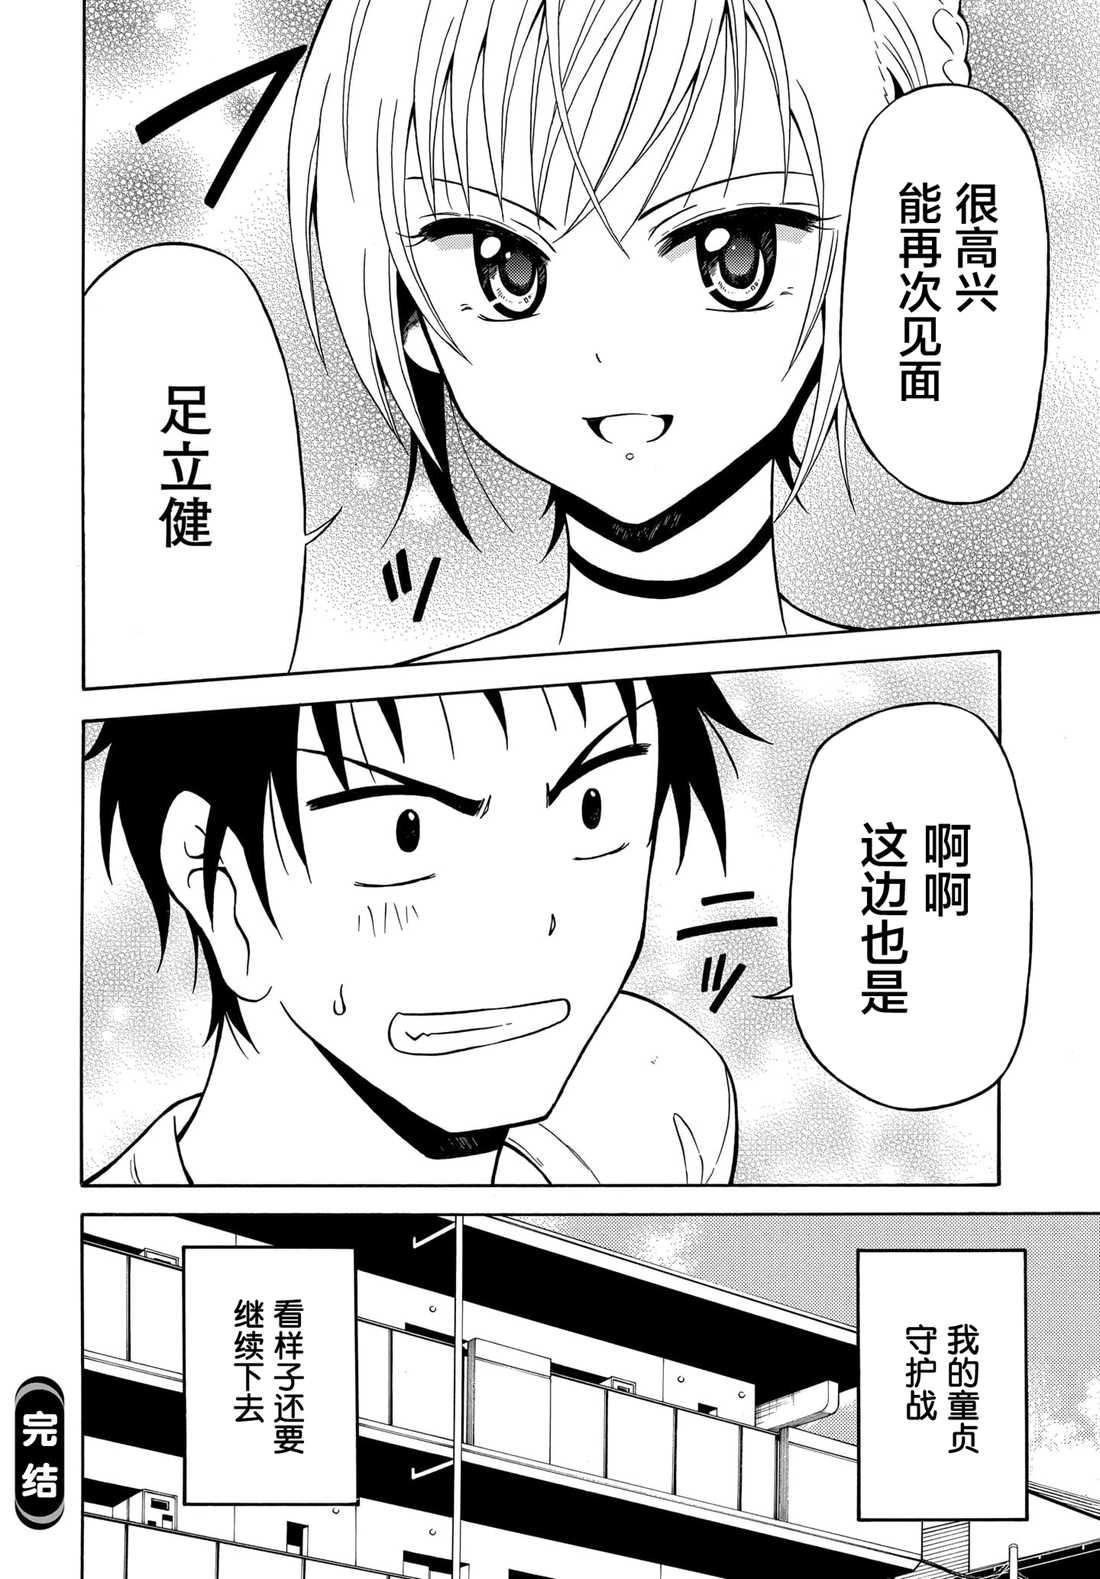 童貞與終結者女友: 08话 - 第20页